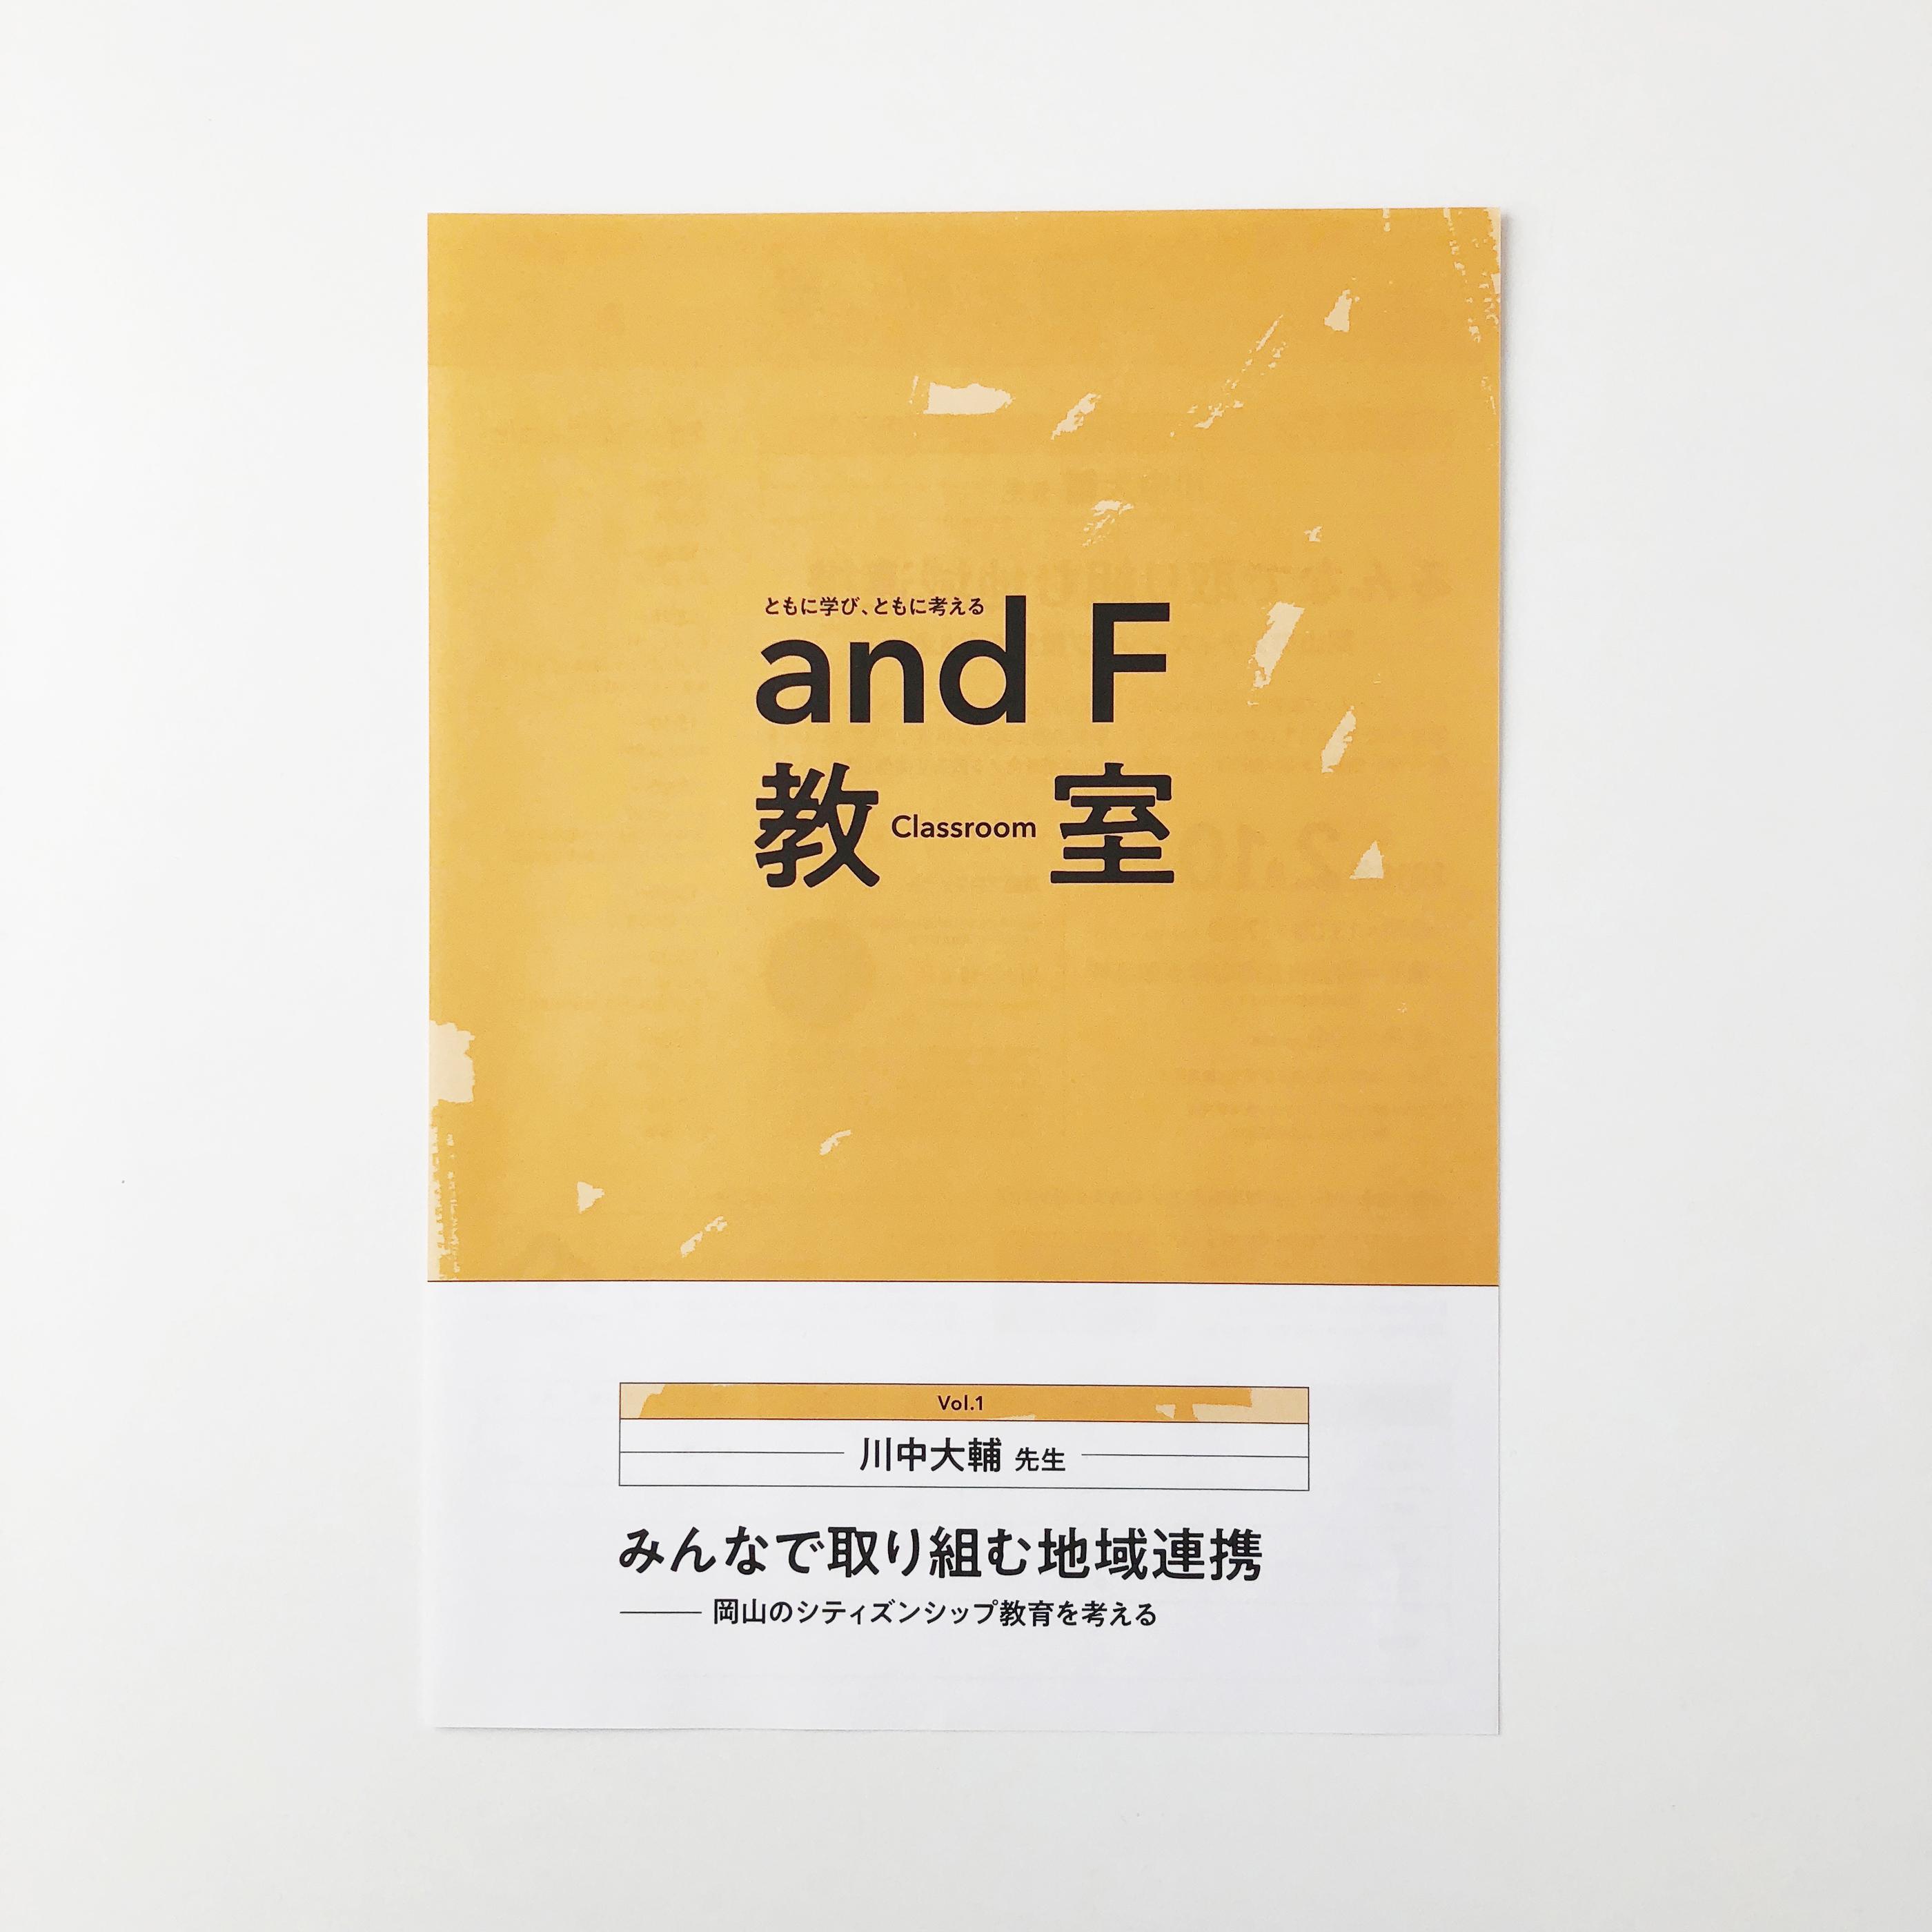 andF_vol1_1